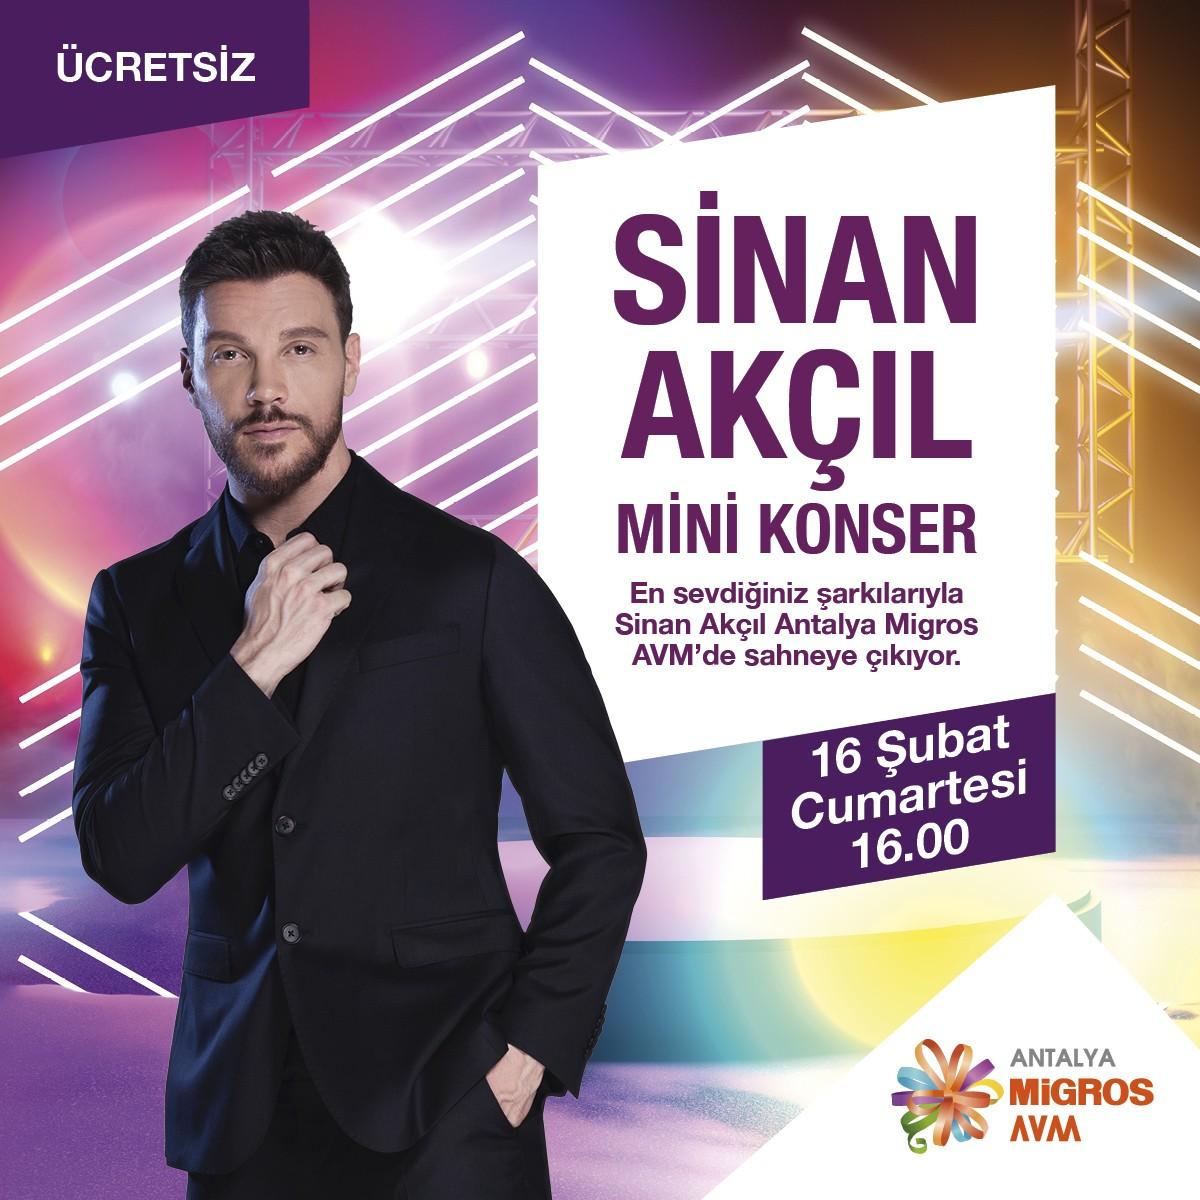 Sinan Akçıl Mini Konser!